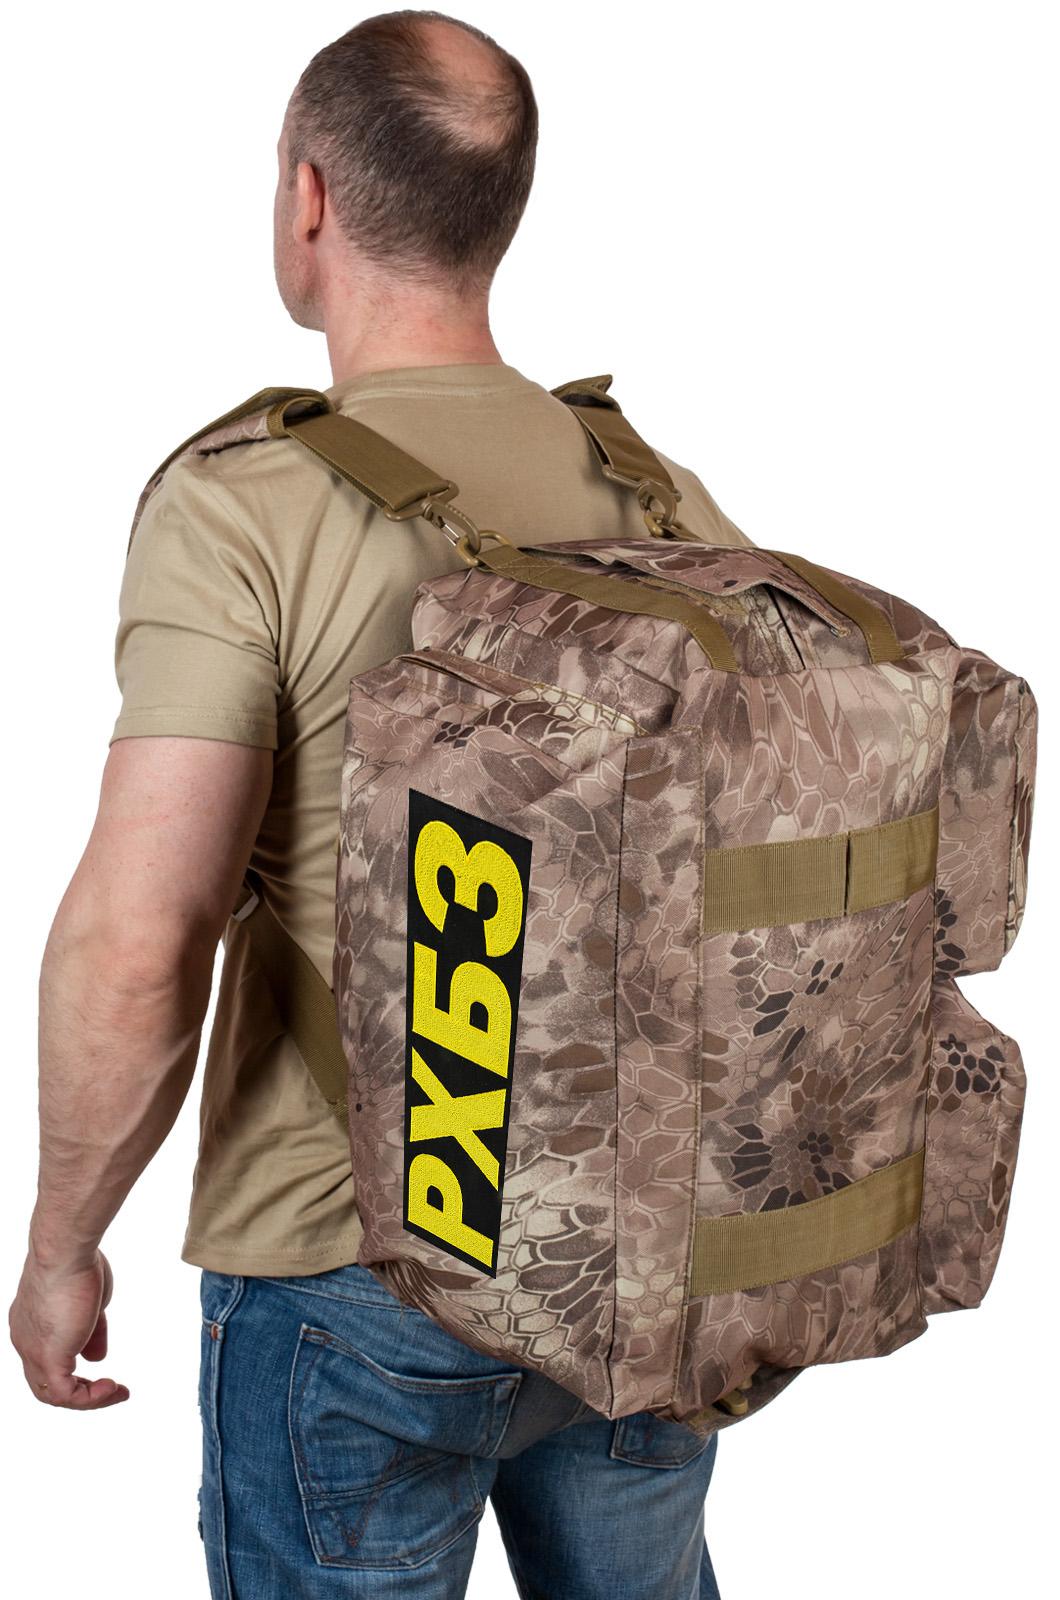 Купить тактическую дорожную сумку РХБЗ по выгодной цене онлайн